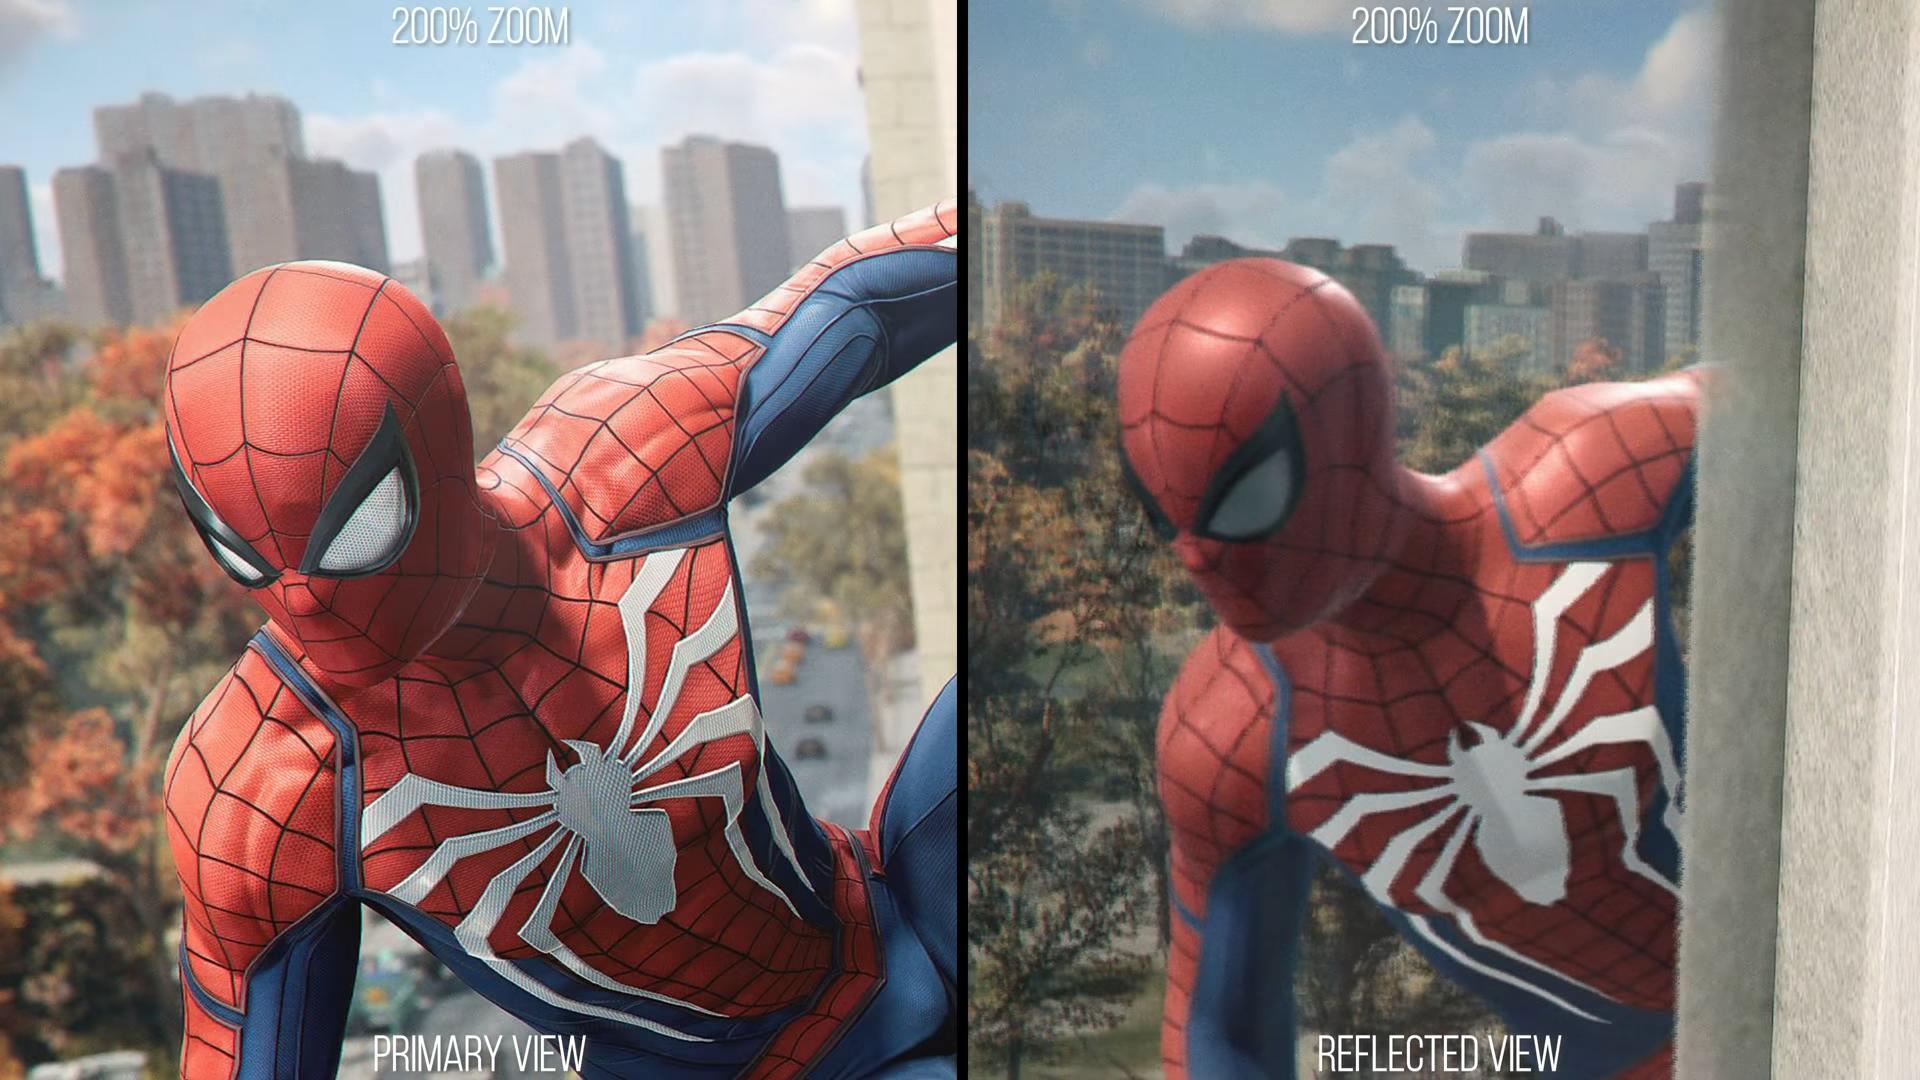 Проблемы рейтрейсинга в играх нового поколения: анализ трассировки лучей в ремастере Marvel's Spider-Man - 5